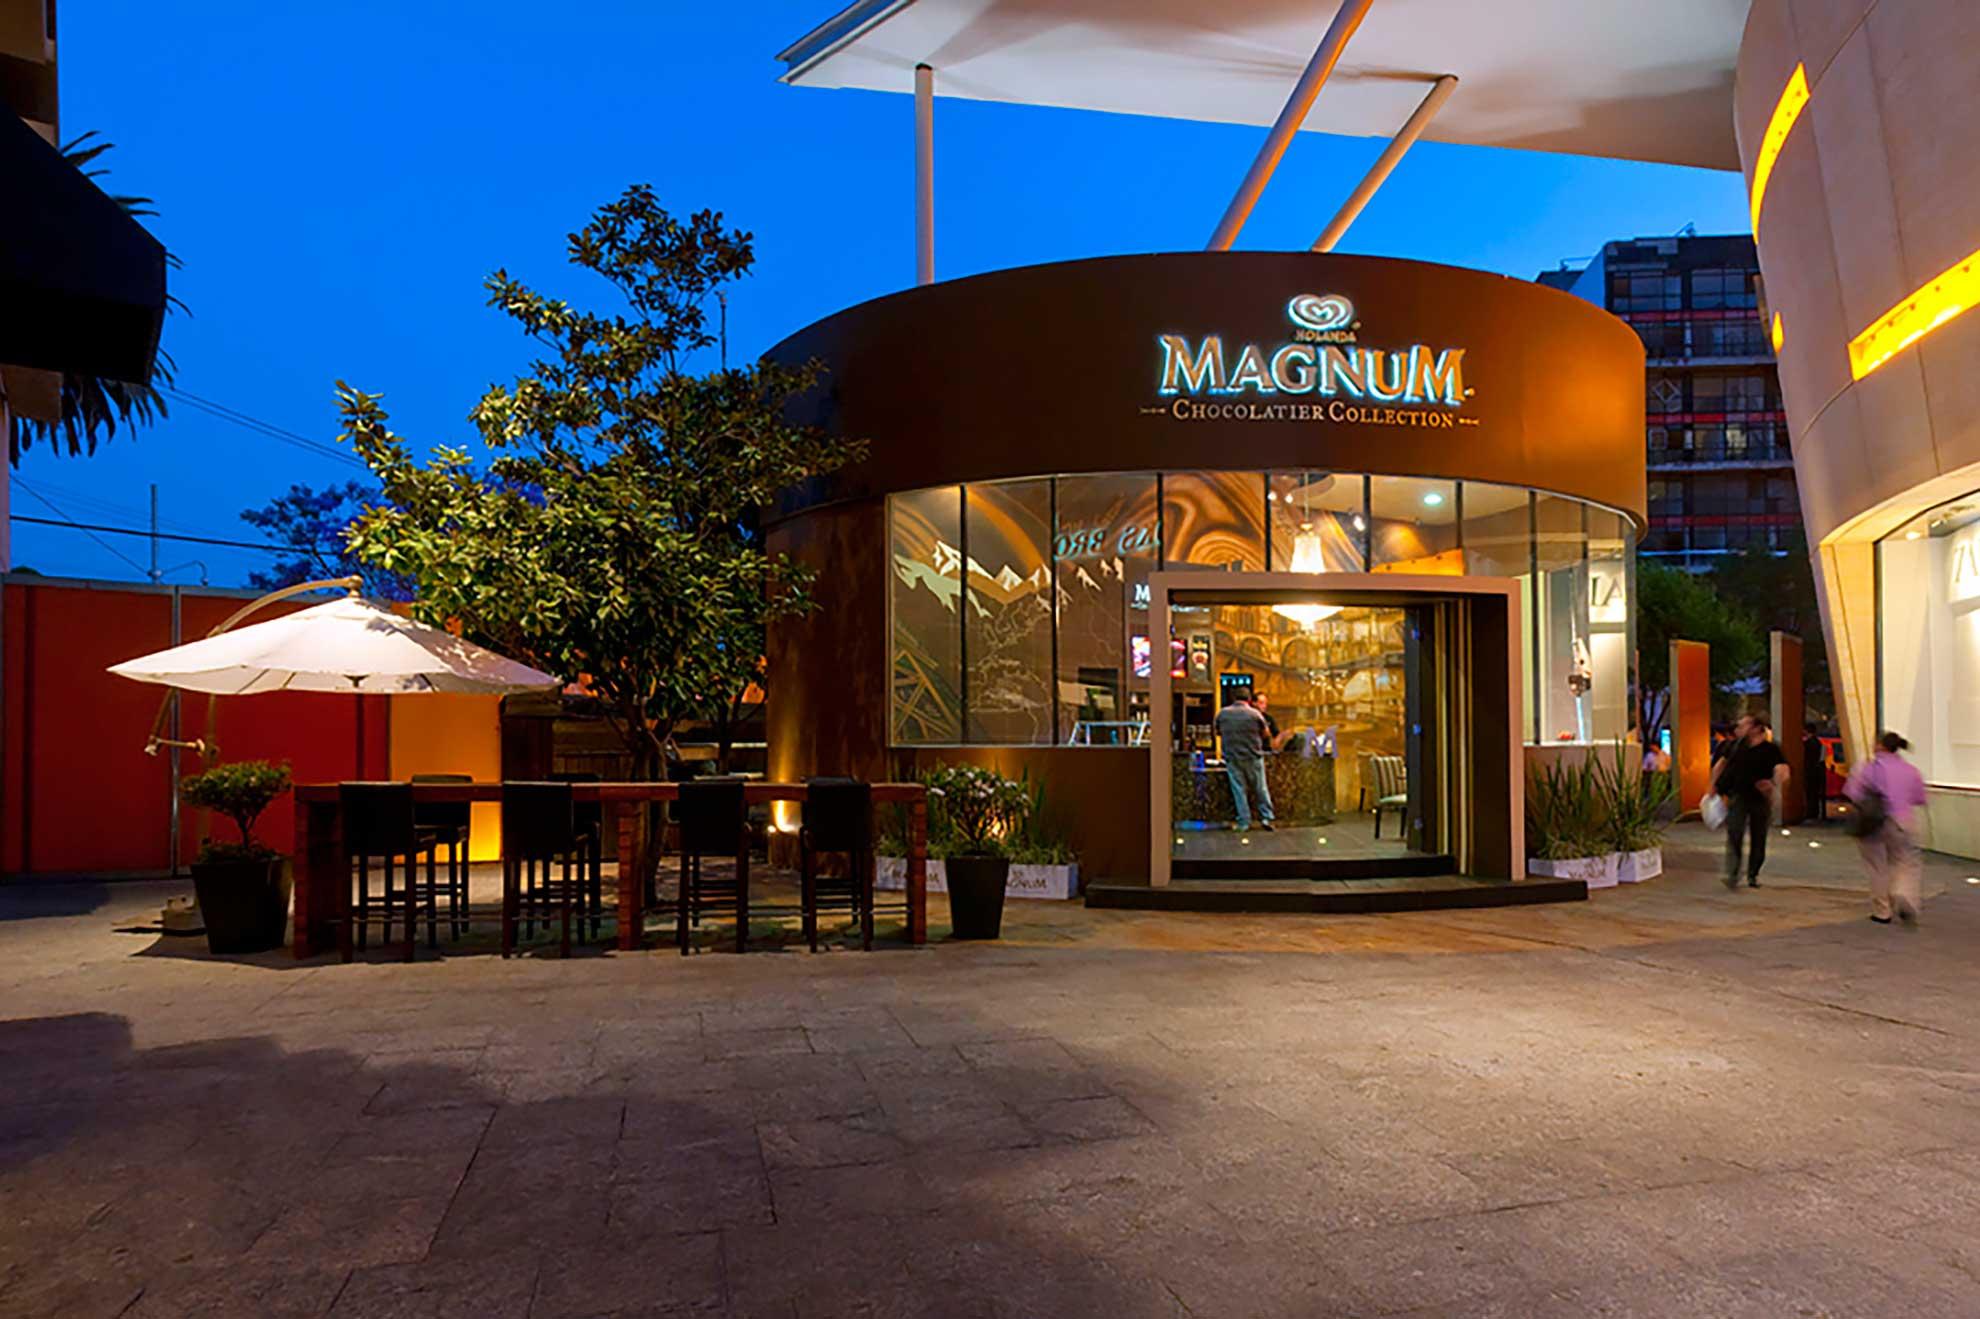 Un espacio que el despacho arquitectónico de interiores Depa 102 creó inspirándose en la marca de paletas Magnum.